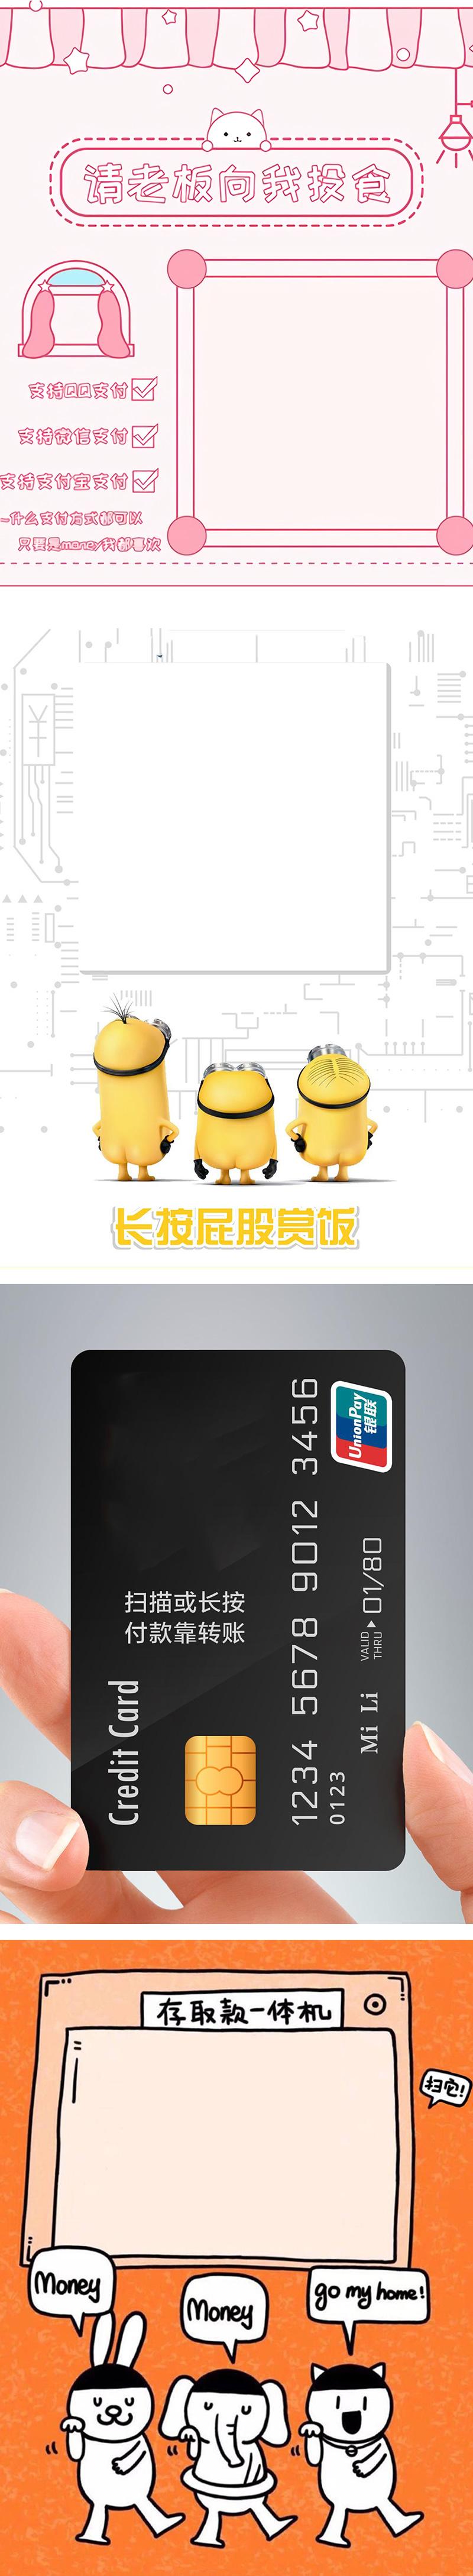 【收款码三合一】支付宝微信QQ收款码二维码合成三合一源码-找主题源码